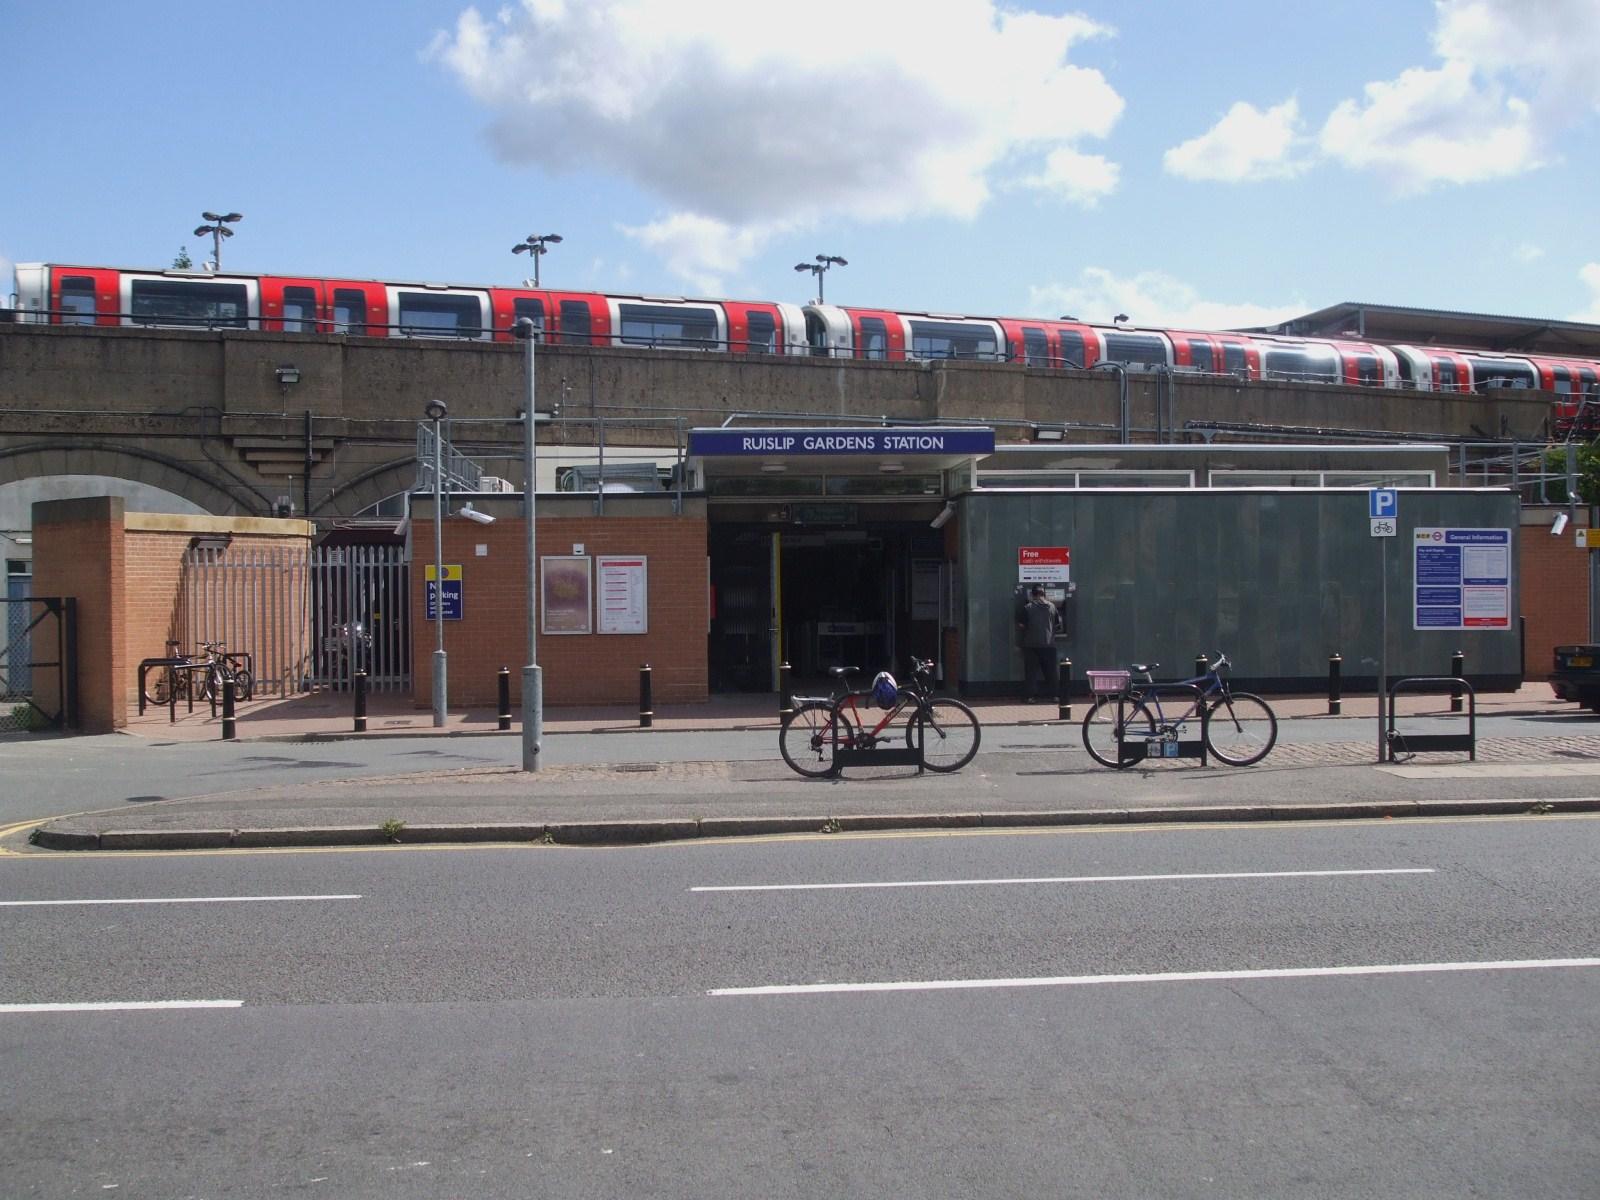 ایستگاه متروی رایسلیپ گاردنز